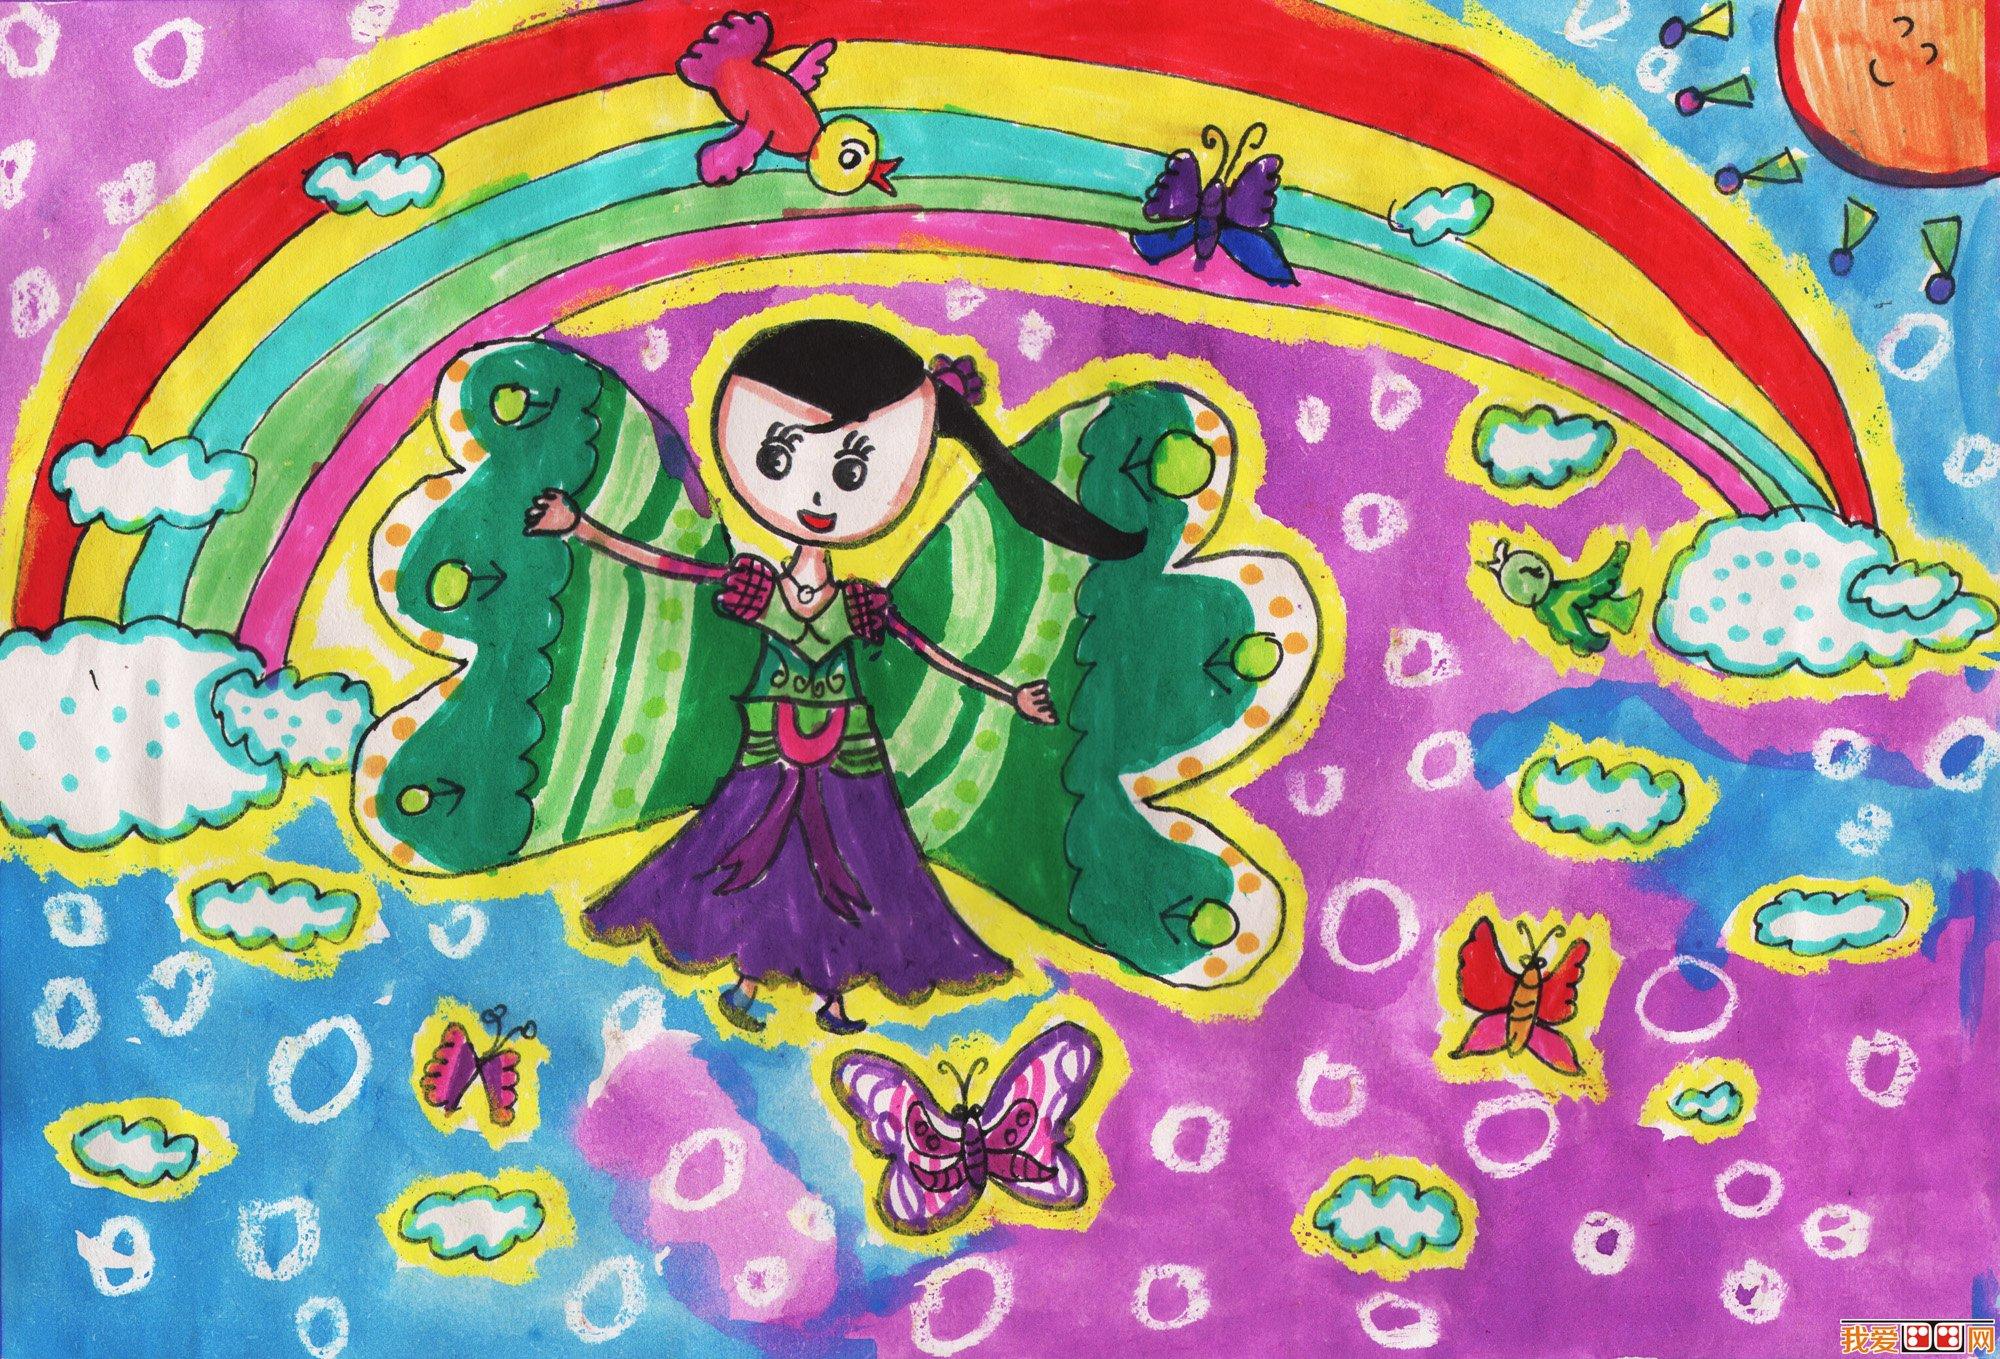 美丽的彩虹儿童画作品欣赏(2)